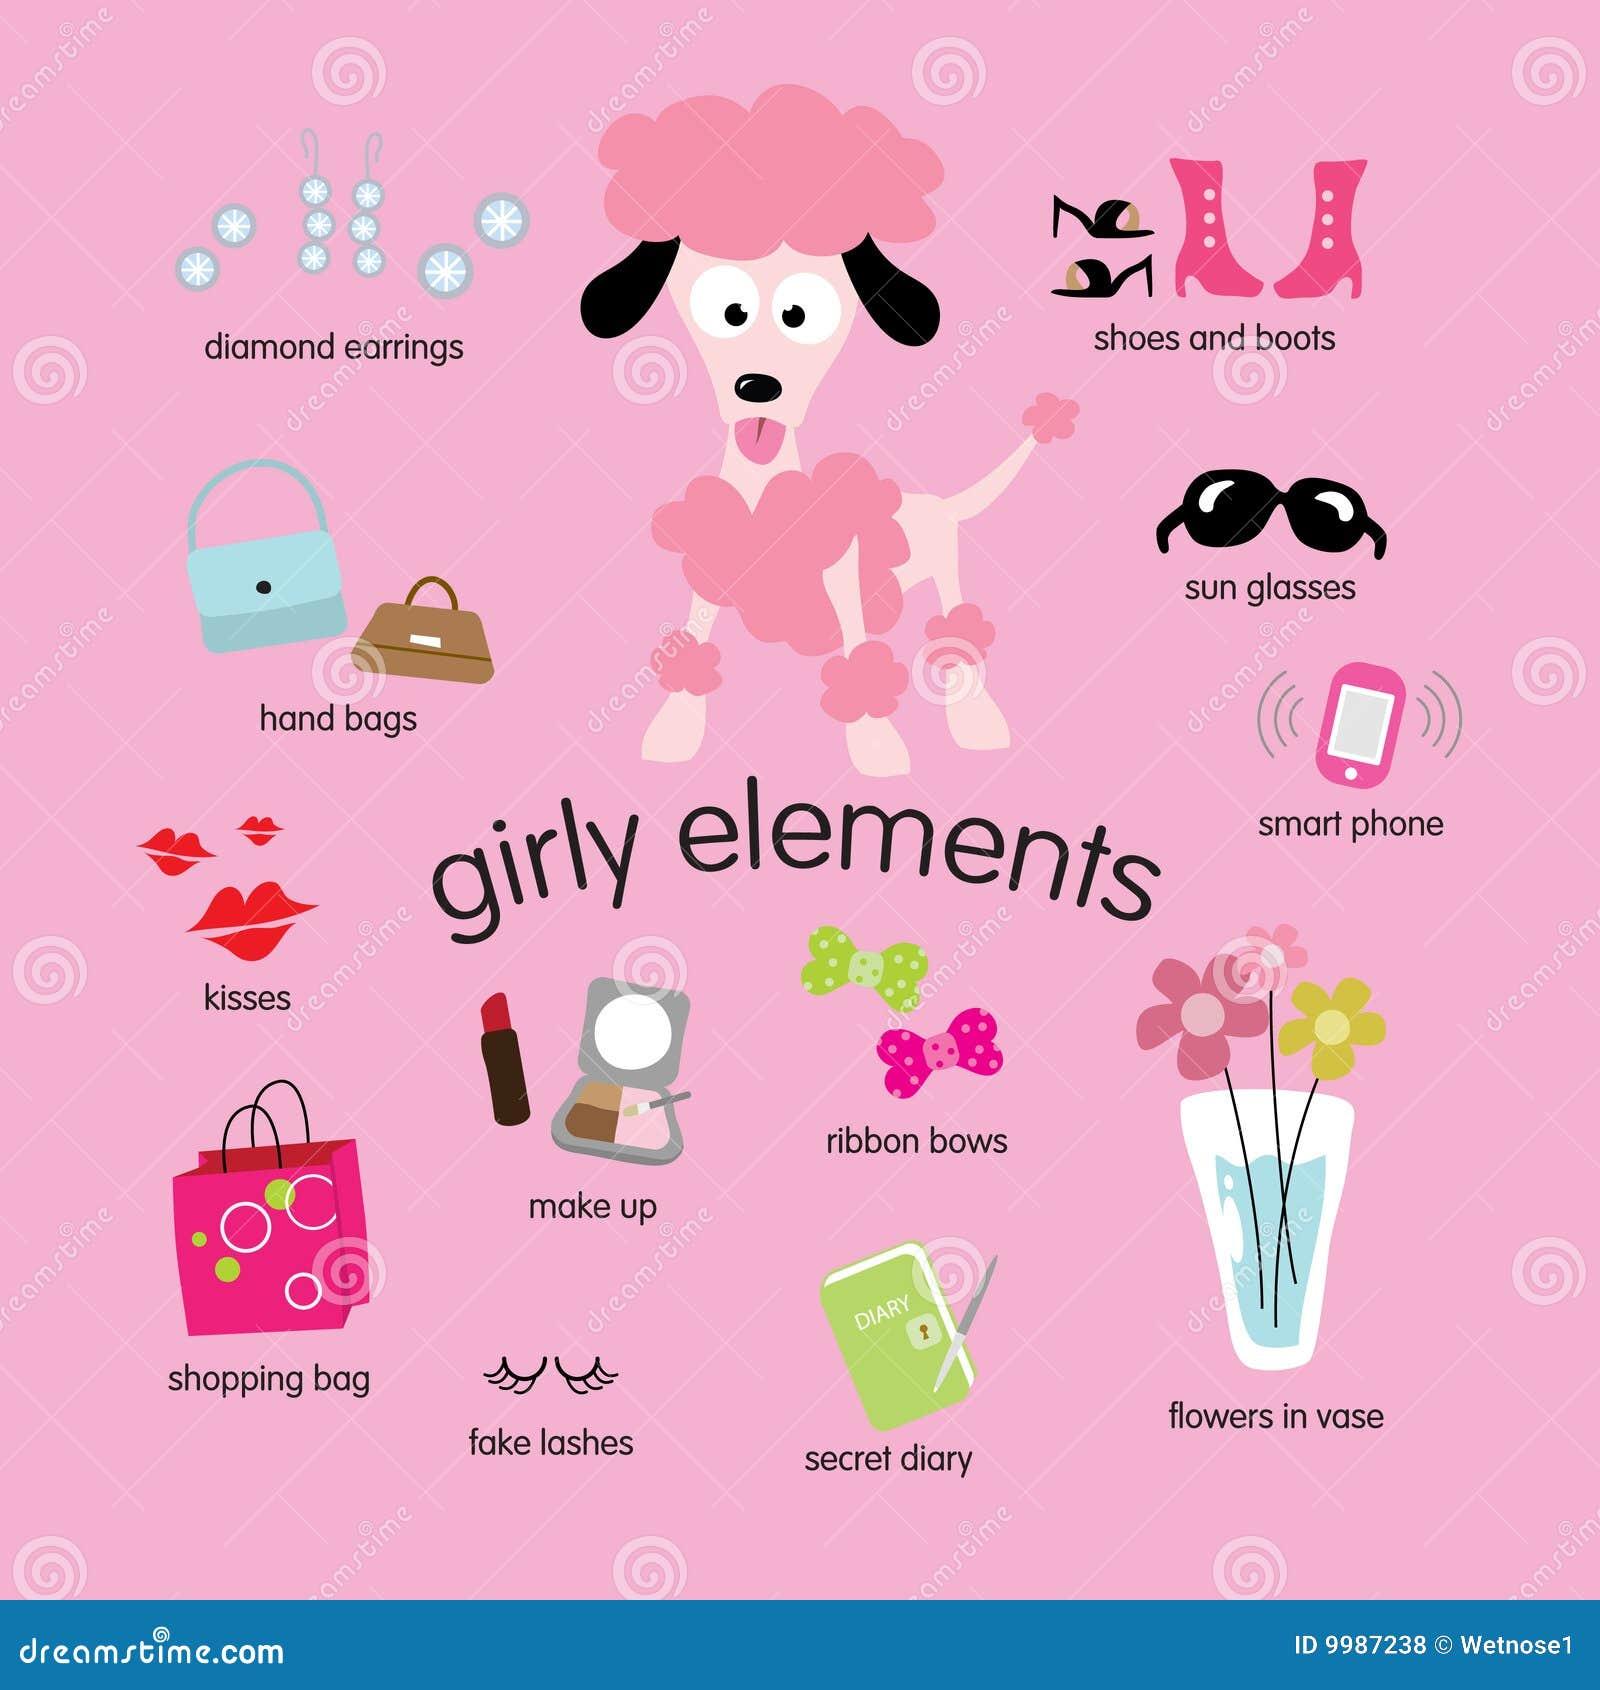 Girly Elements Set Royalty Free Stock Photos - Image: 9987238